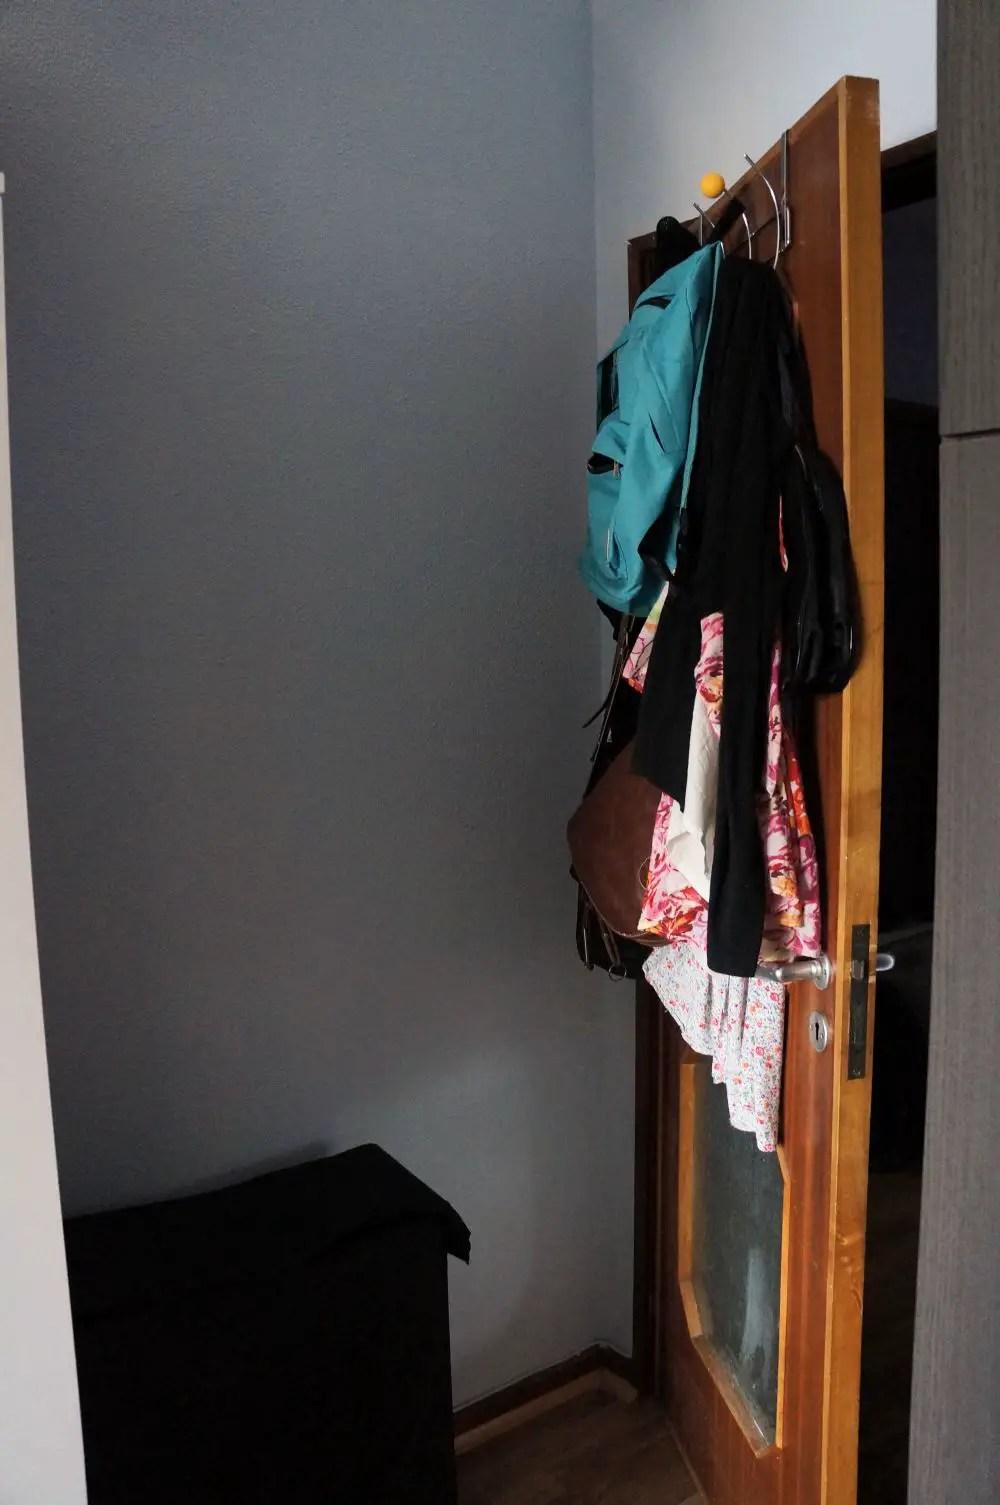 Cabide da porta e cesto da roupa suja